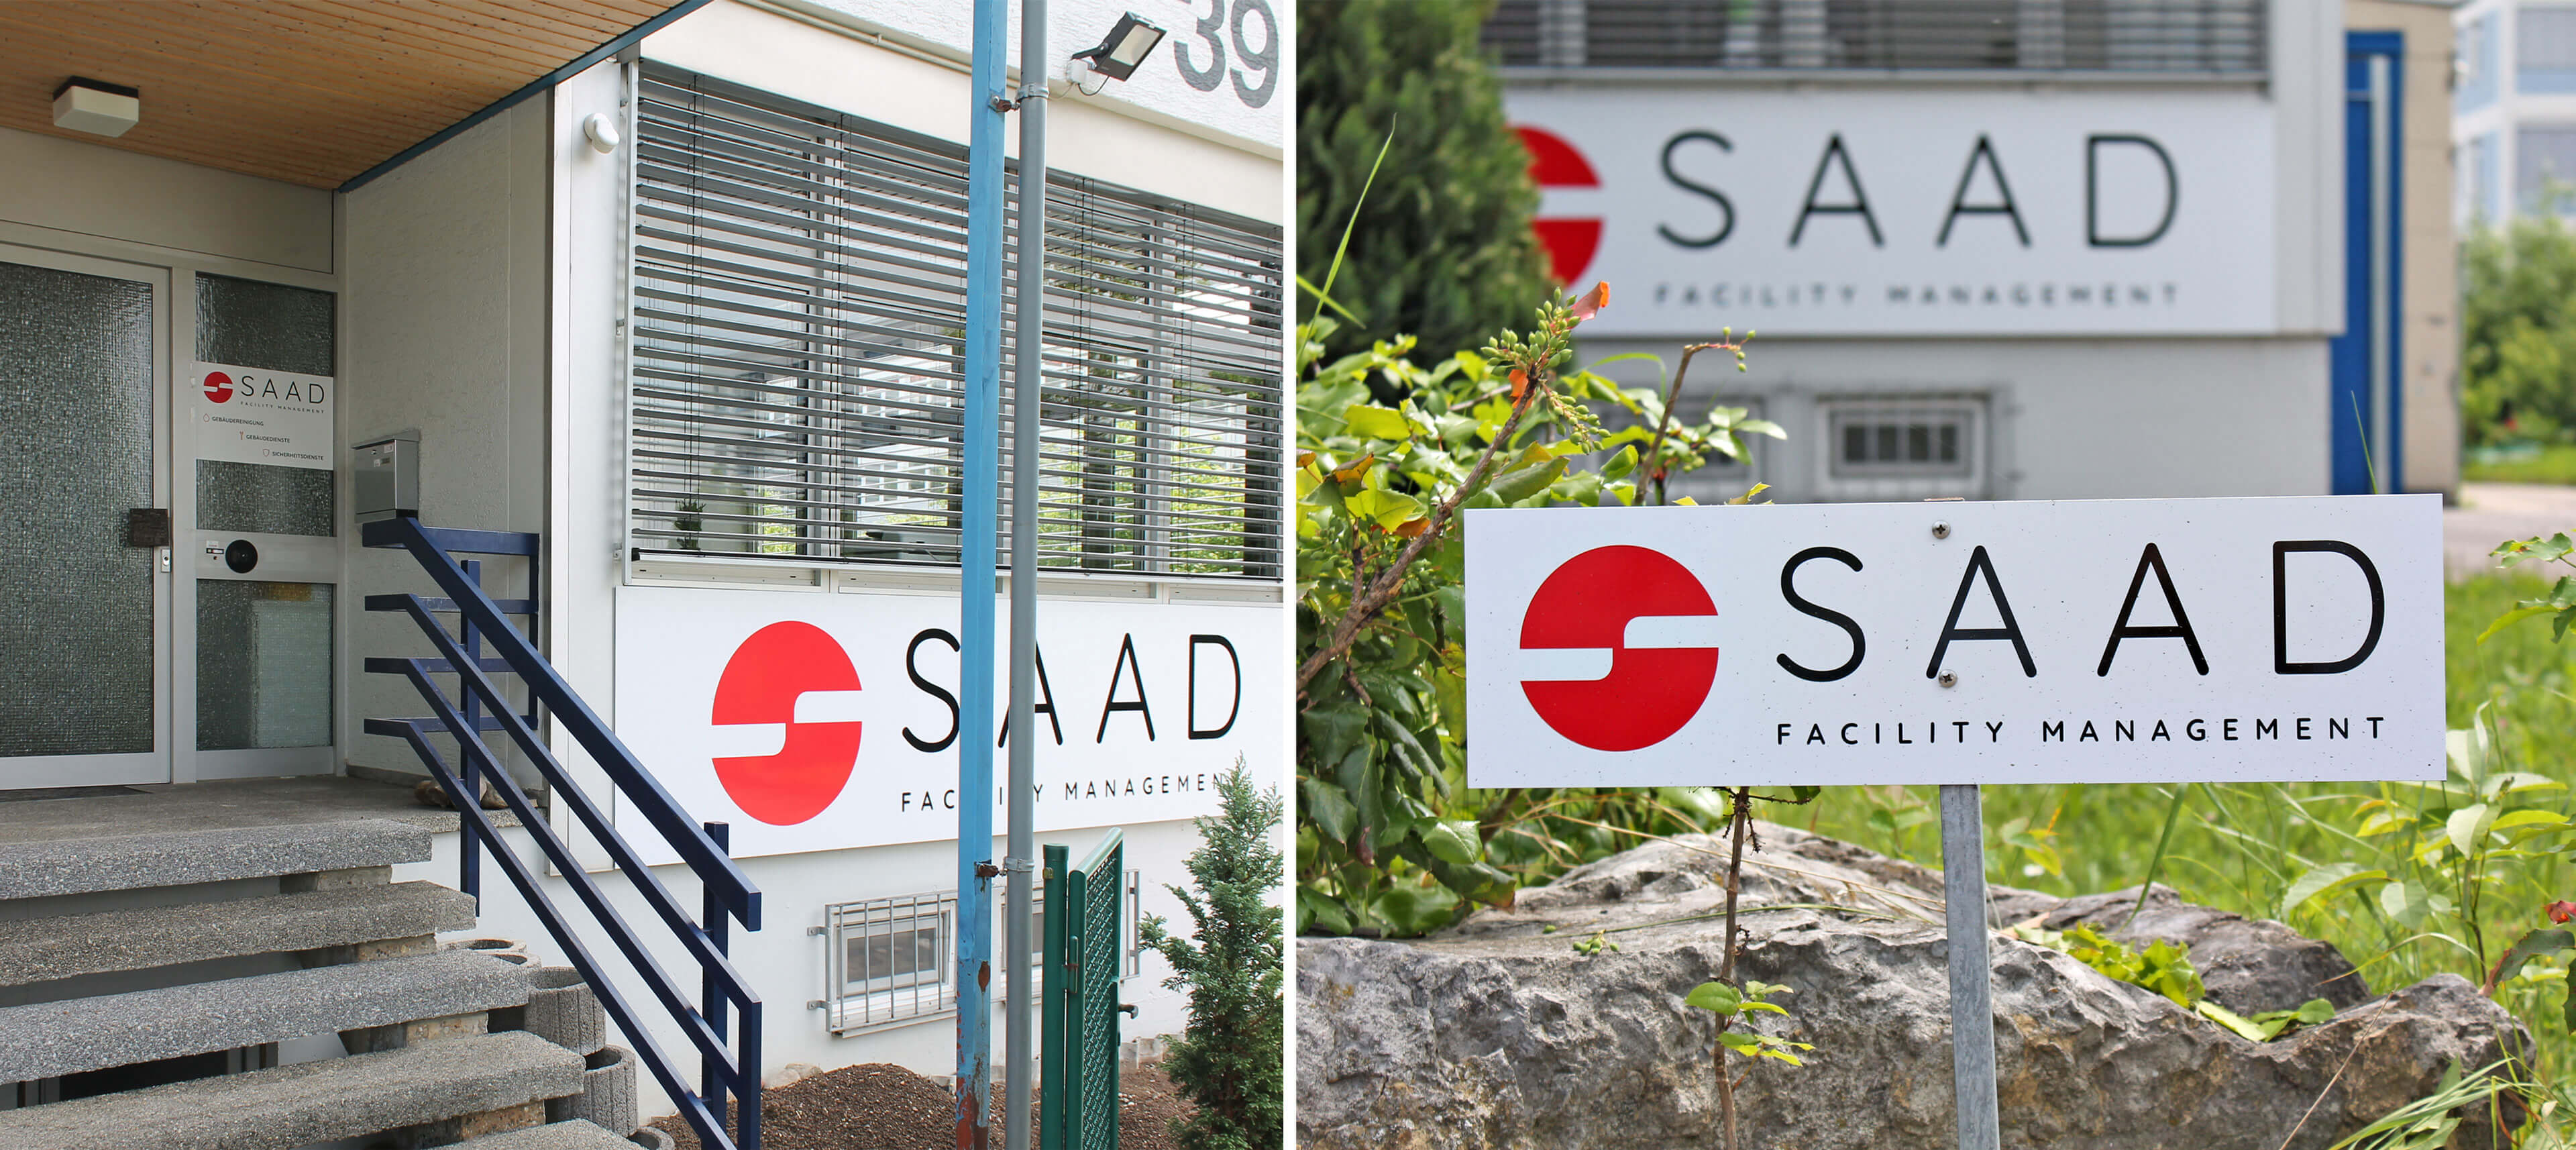 Zusammenschnitt aus zwei Bildern des Eingangsbereichs des Firmengebäudes. Im linken Bild sind das große Logo an der vorderen Wand des Gebäudes und die Eingangstür zu sehen. Im rechten Bild sieht man das Schild eines Parkplatzes und ebenfalls das große Logo an der vorderen Wand des Gebäudes.